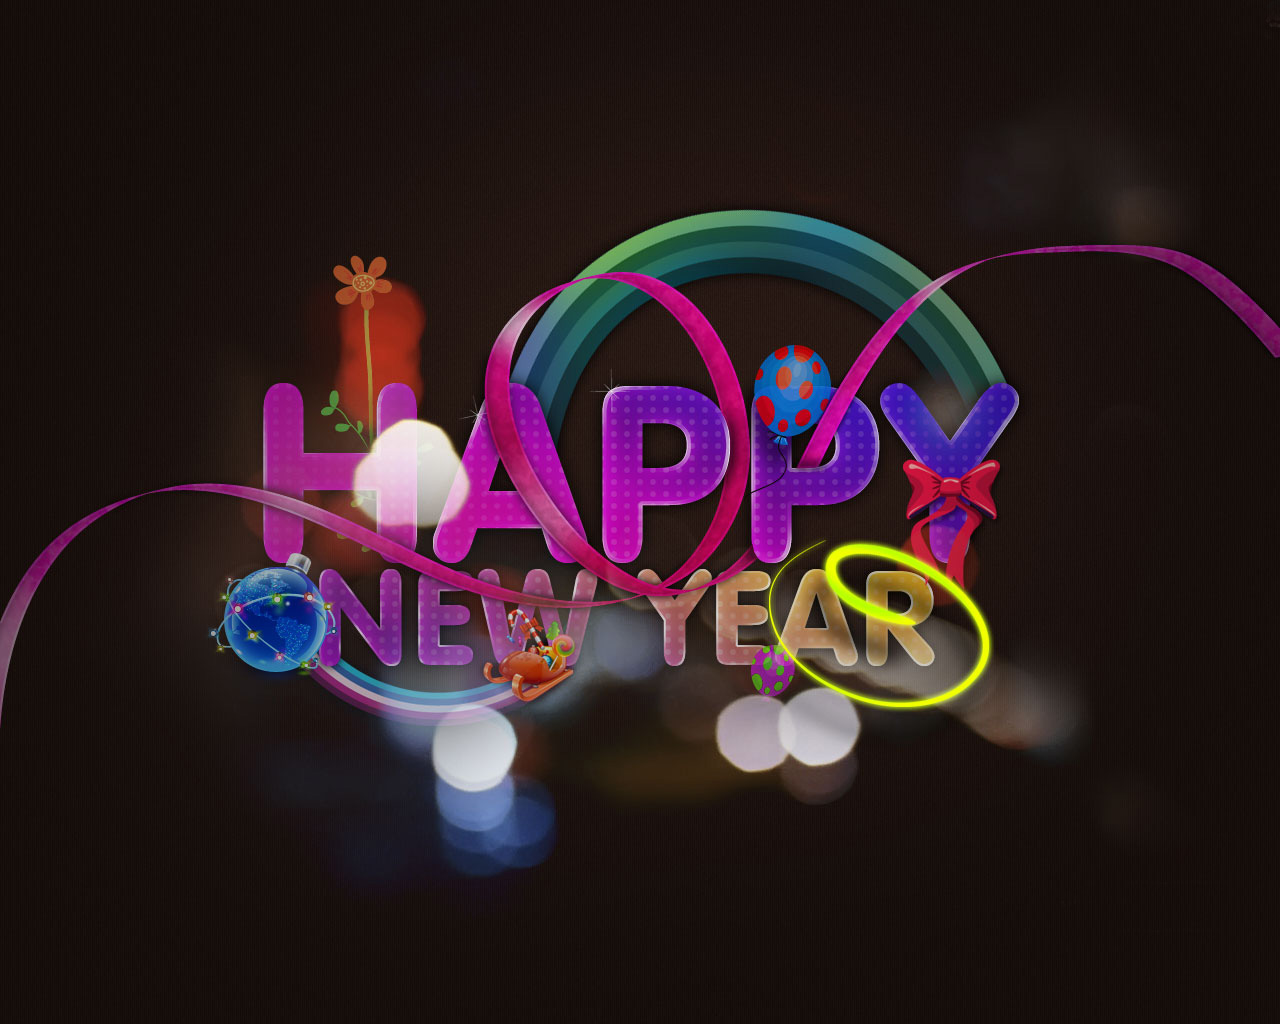 Новый год 2011 фотографий, новые фотографии год, Новый год изображения, Новый год ...